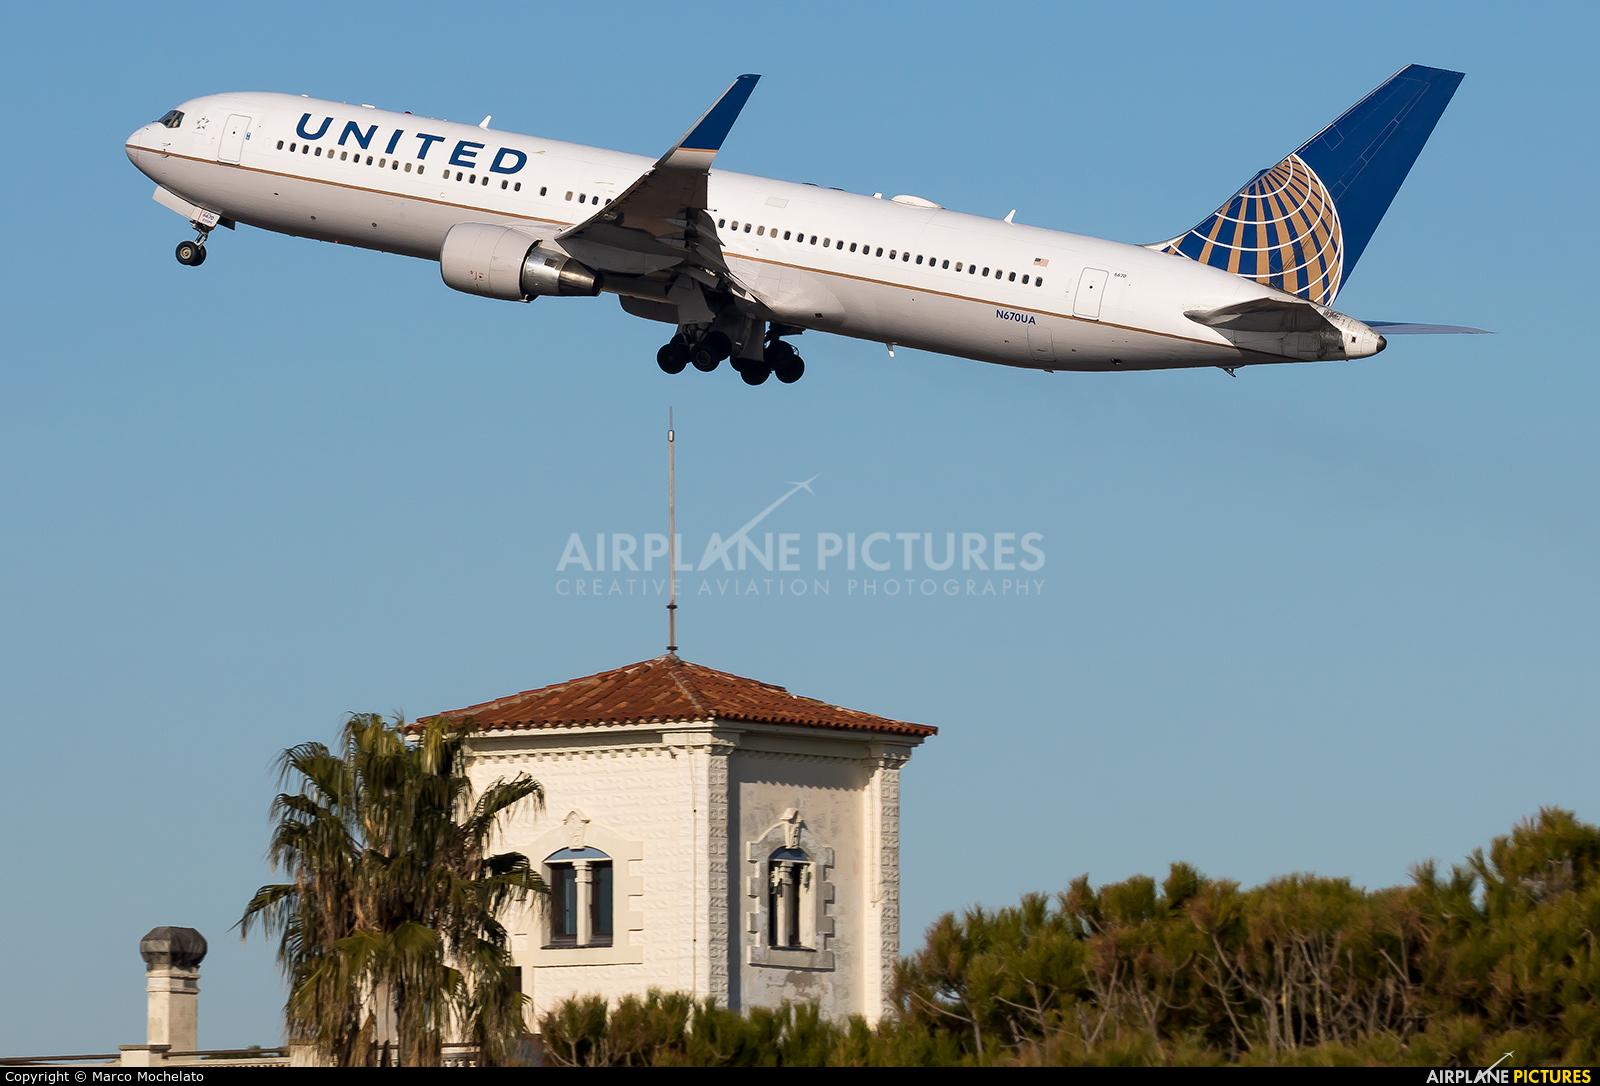 United Airlines N670UA aircraft at Barcelona - El Prat